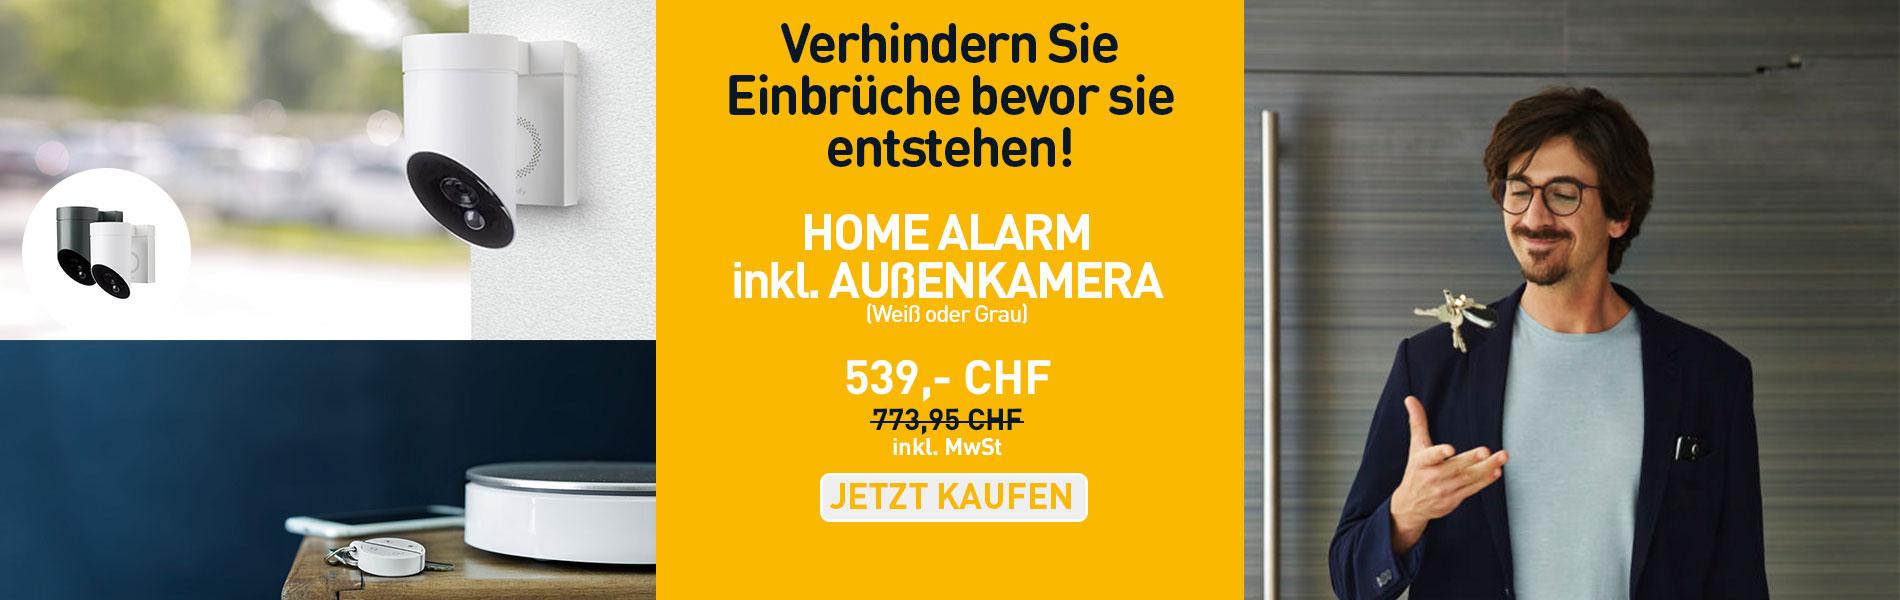 HOME ALARM  inkl. AUßENKAMERA